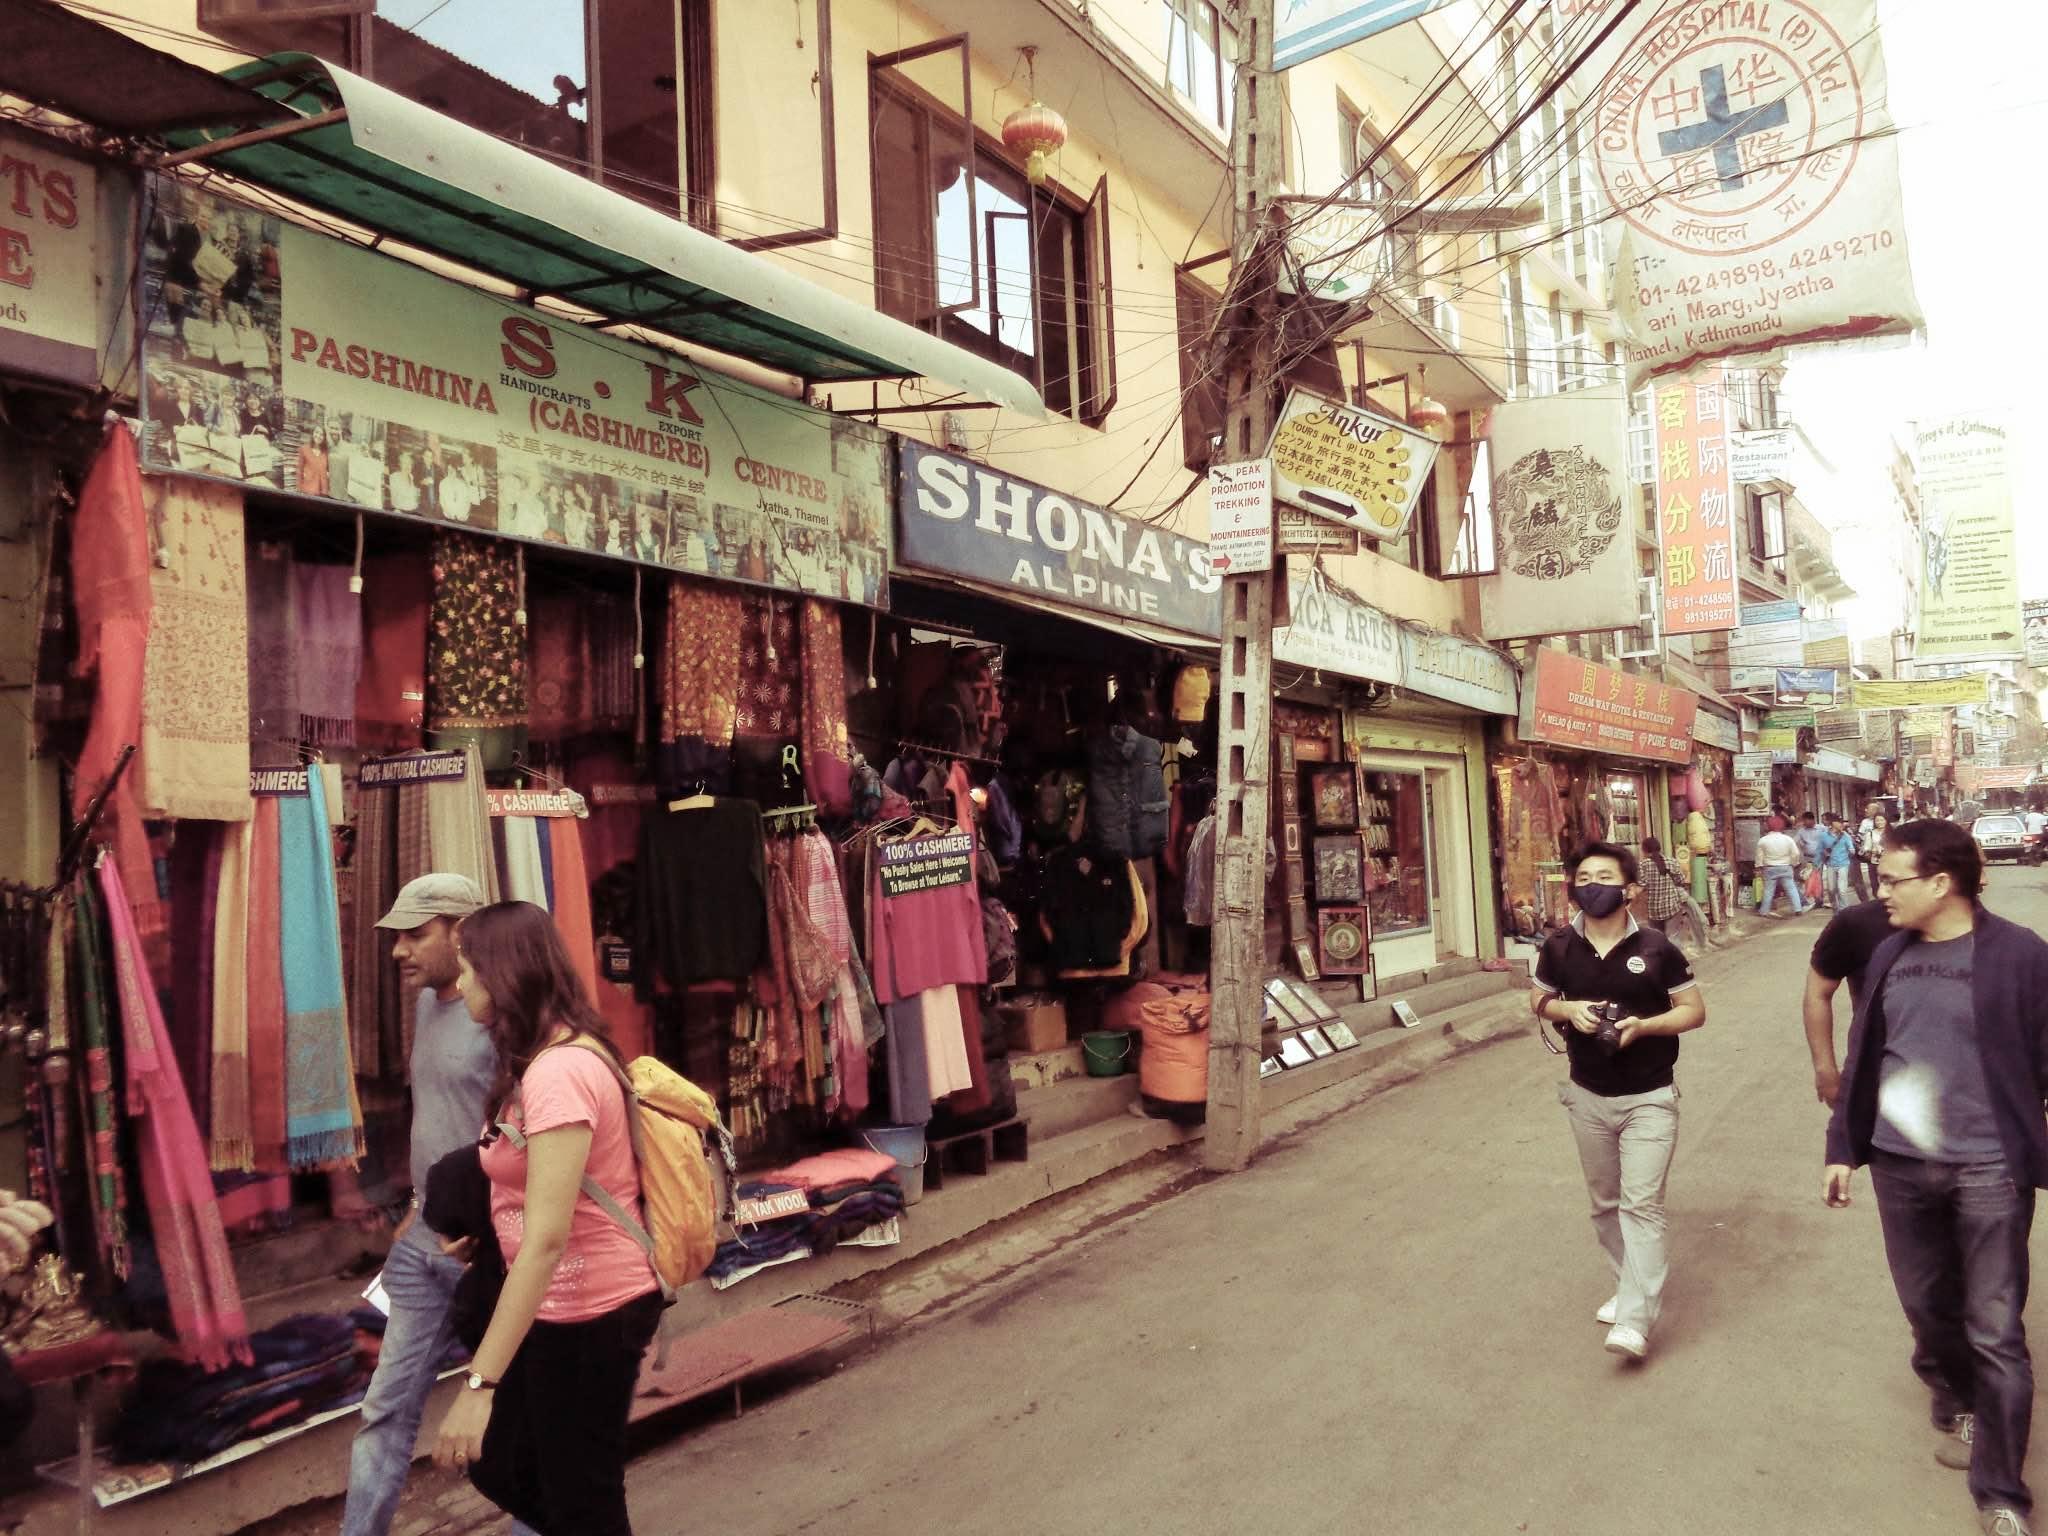 I stadsdelen Thamel ligger trekkingbutikerna tätt och det mesta går att köpa där. Shonas Alpine Store är välrenommerad och de som jobbar där vet vad du behöver. De bedriver bland annat egen tillverkning av sovsäckar. En expeditionssovsäck med 1, 2 kilo australiensiskt gåsdun kostar cirka 100 dollar. Foto: Clarence Frenker